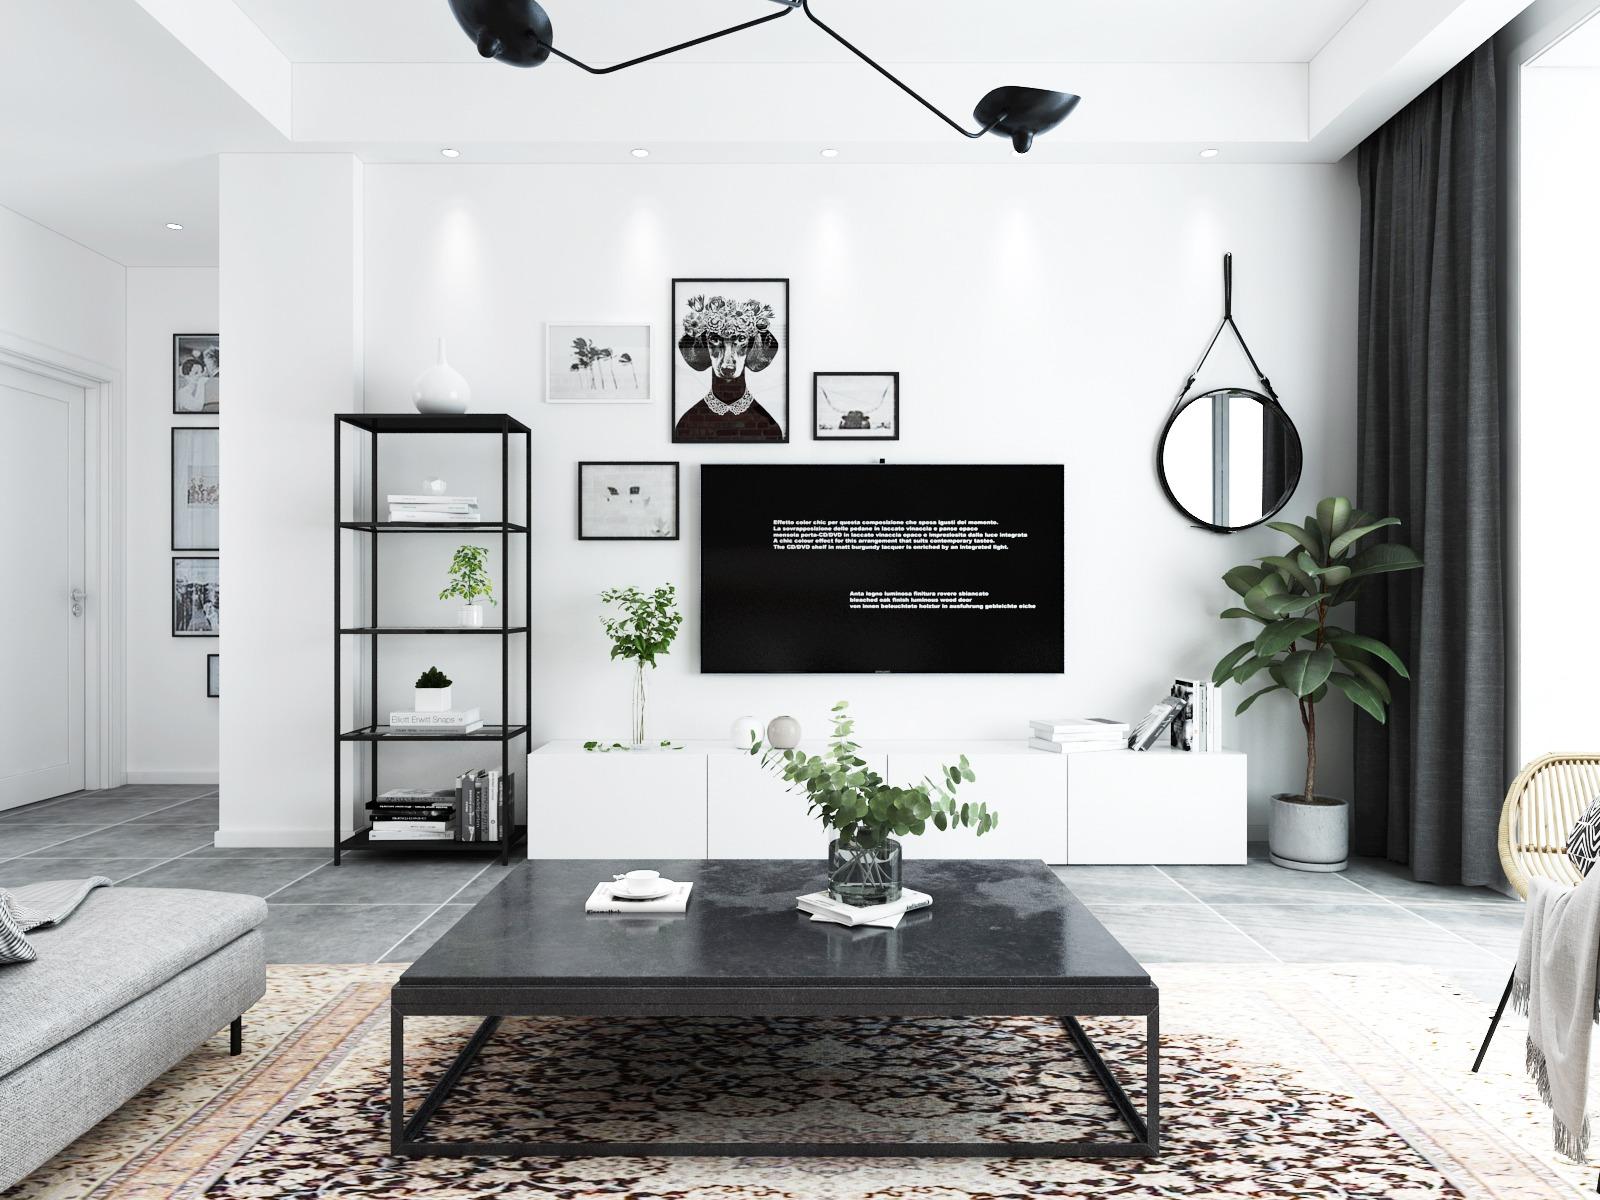 现代轻奢家装室内设计.家装效果图.装修效果图.家装效果图设计